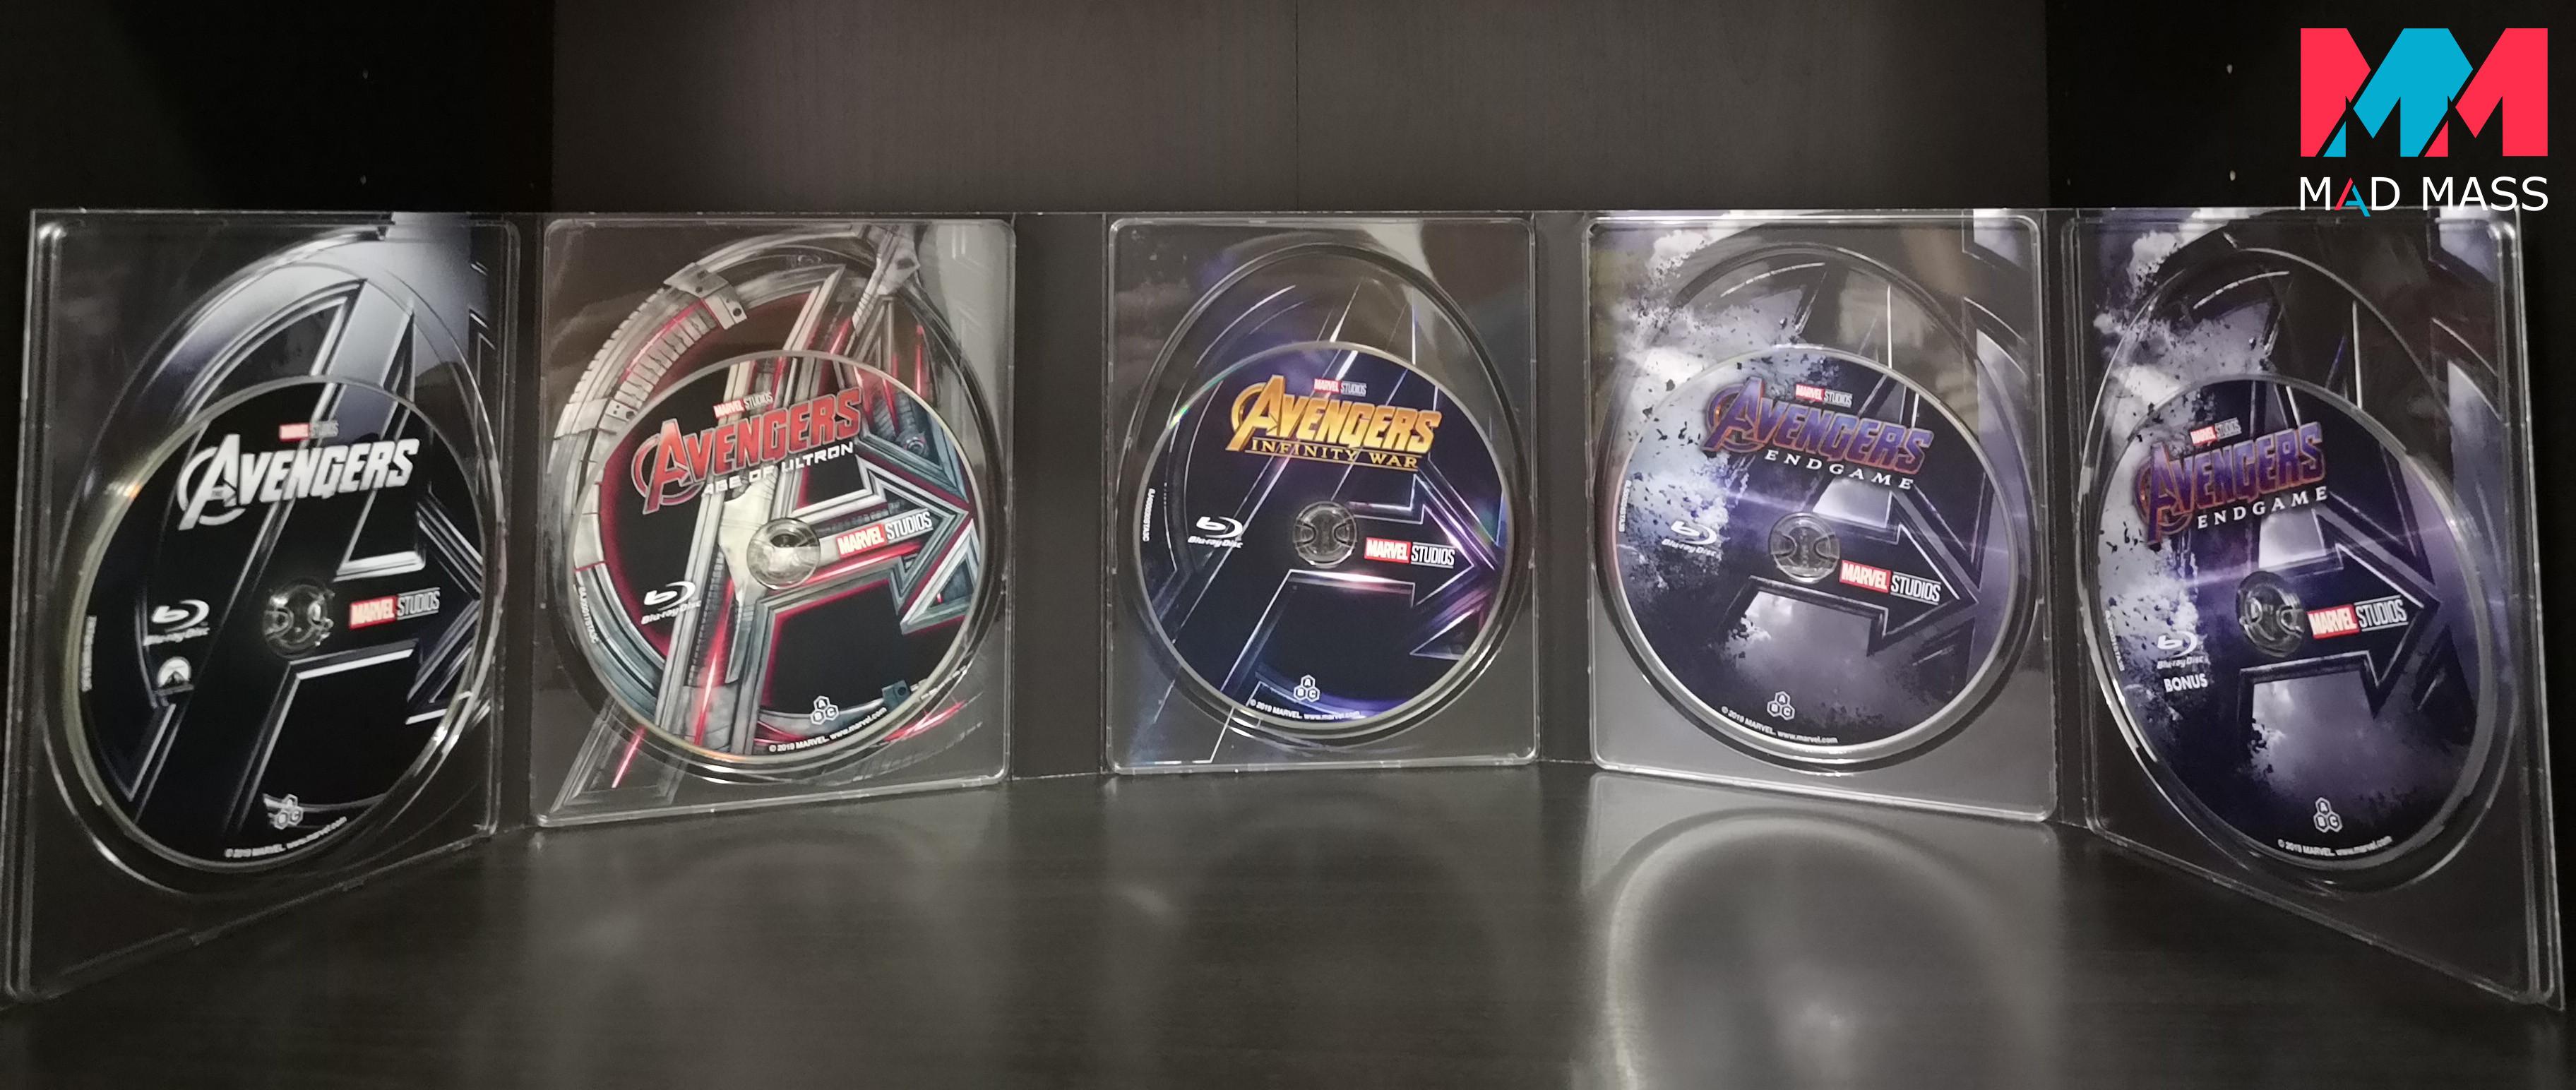 Avengers il cofanetto della saga in Blu-ray